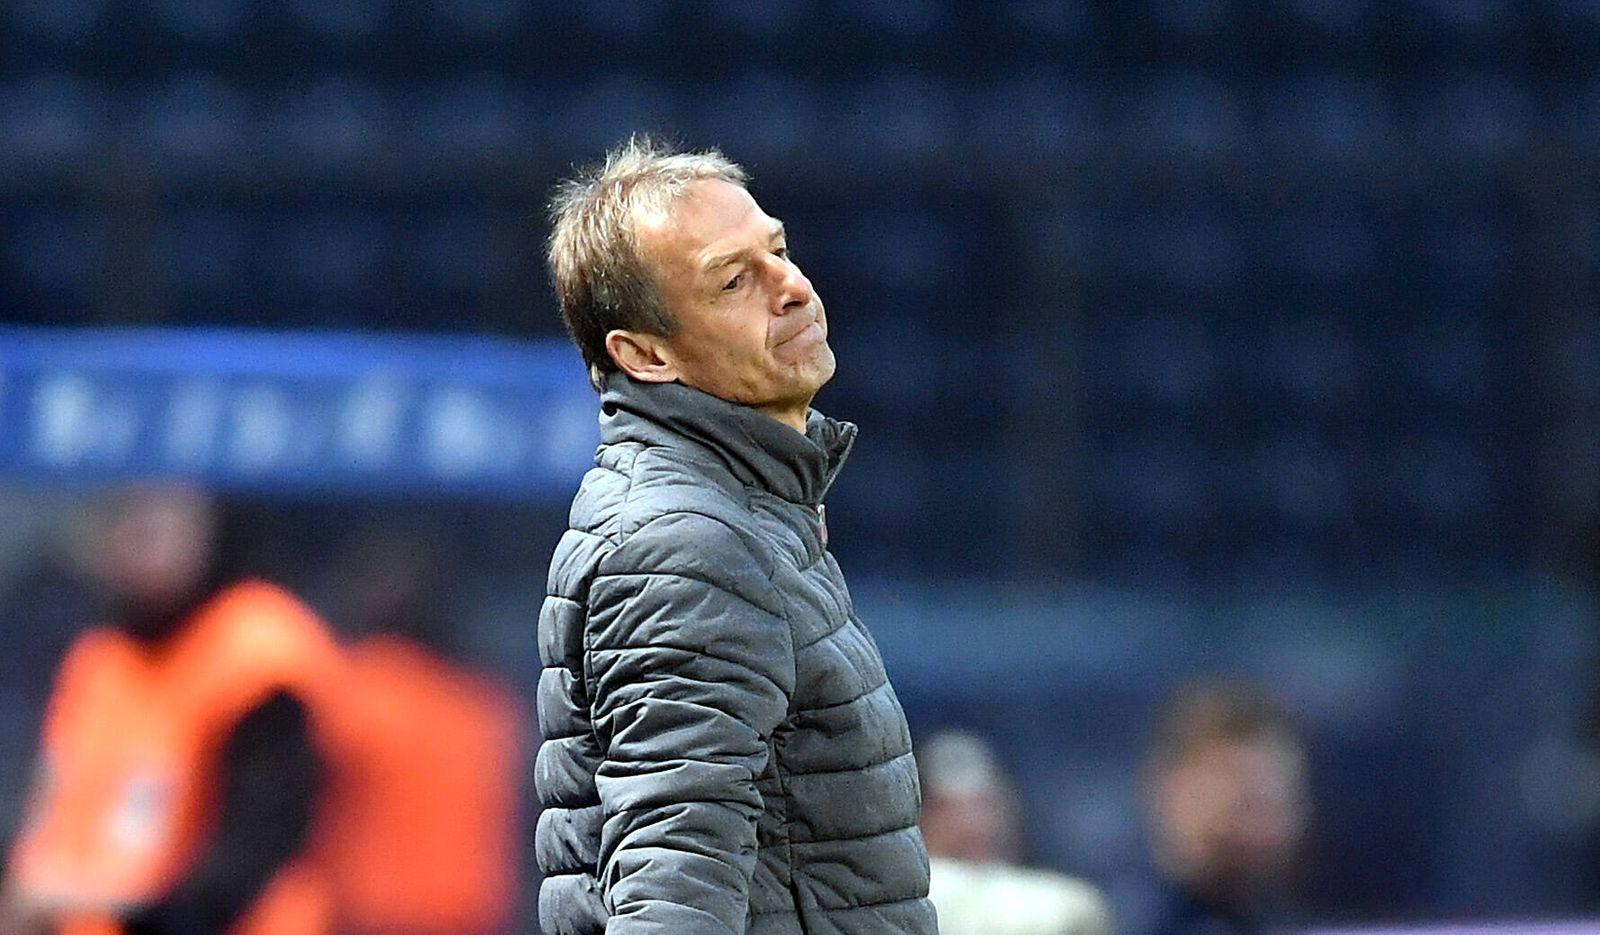 J¸rgen Klinsmann (Trainer Hertha BSC),entt?uscht am Spielfeldrand Hertha BSC Berlin - 1.FSV Mainz 05 1. Bundesliga 2019/